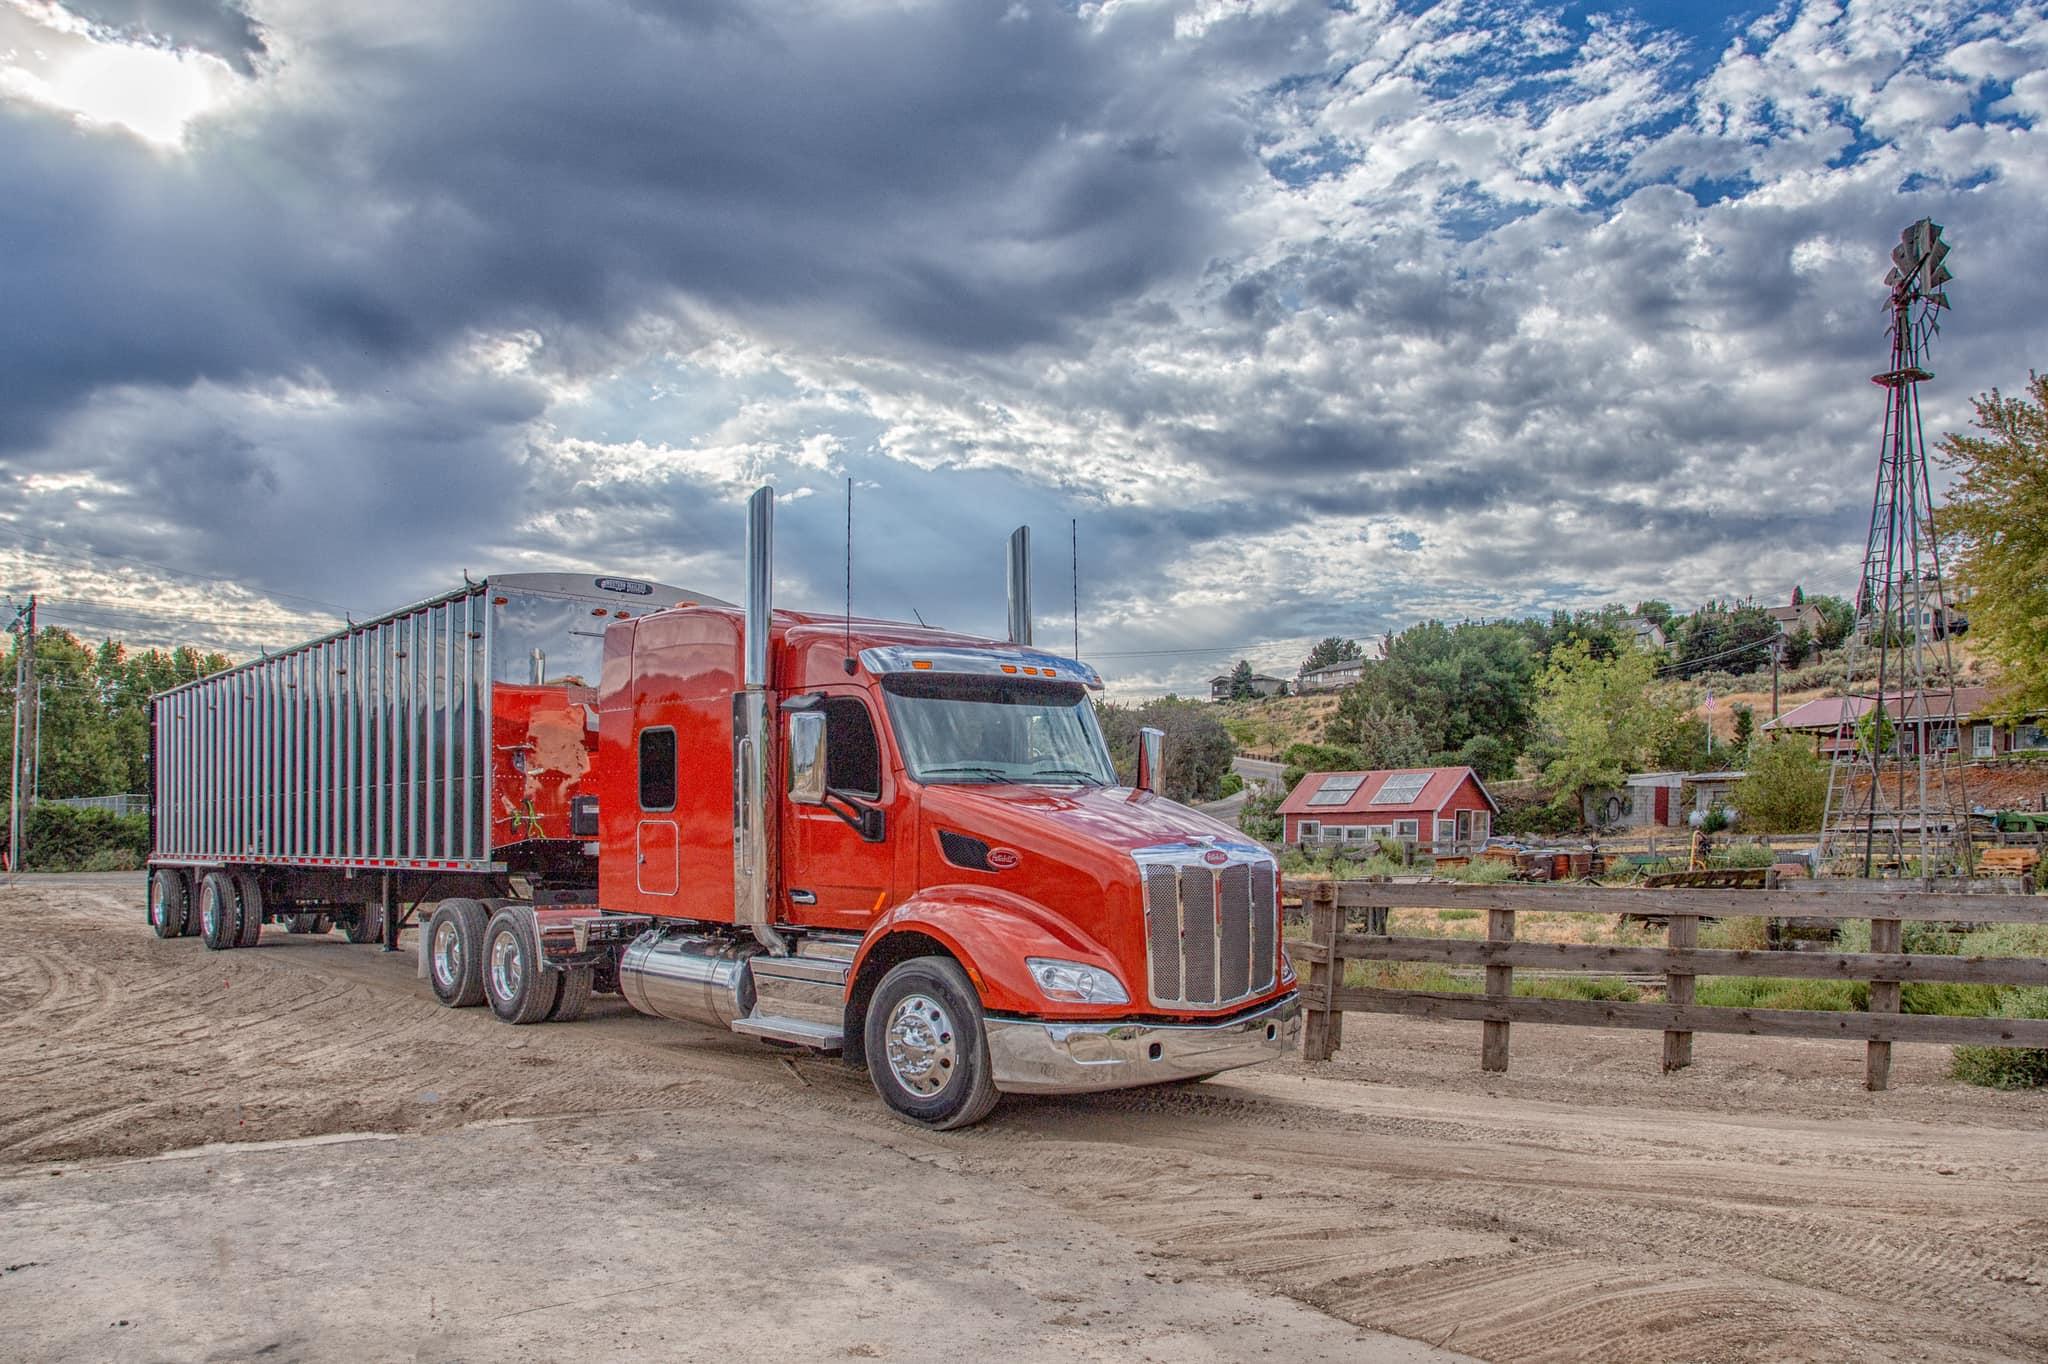 semi truck with trailor